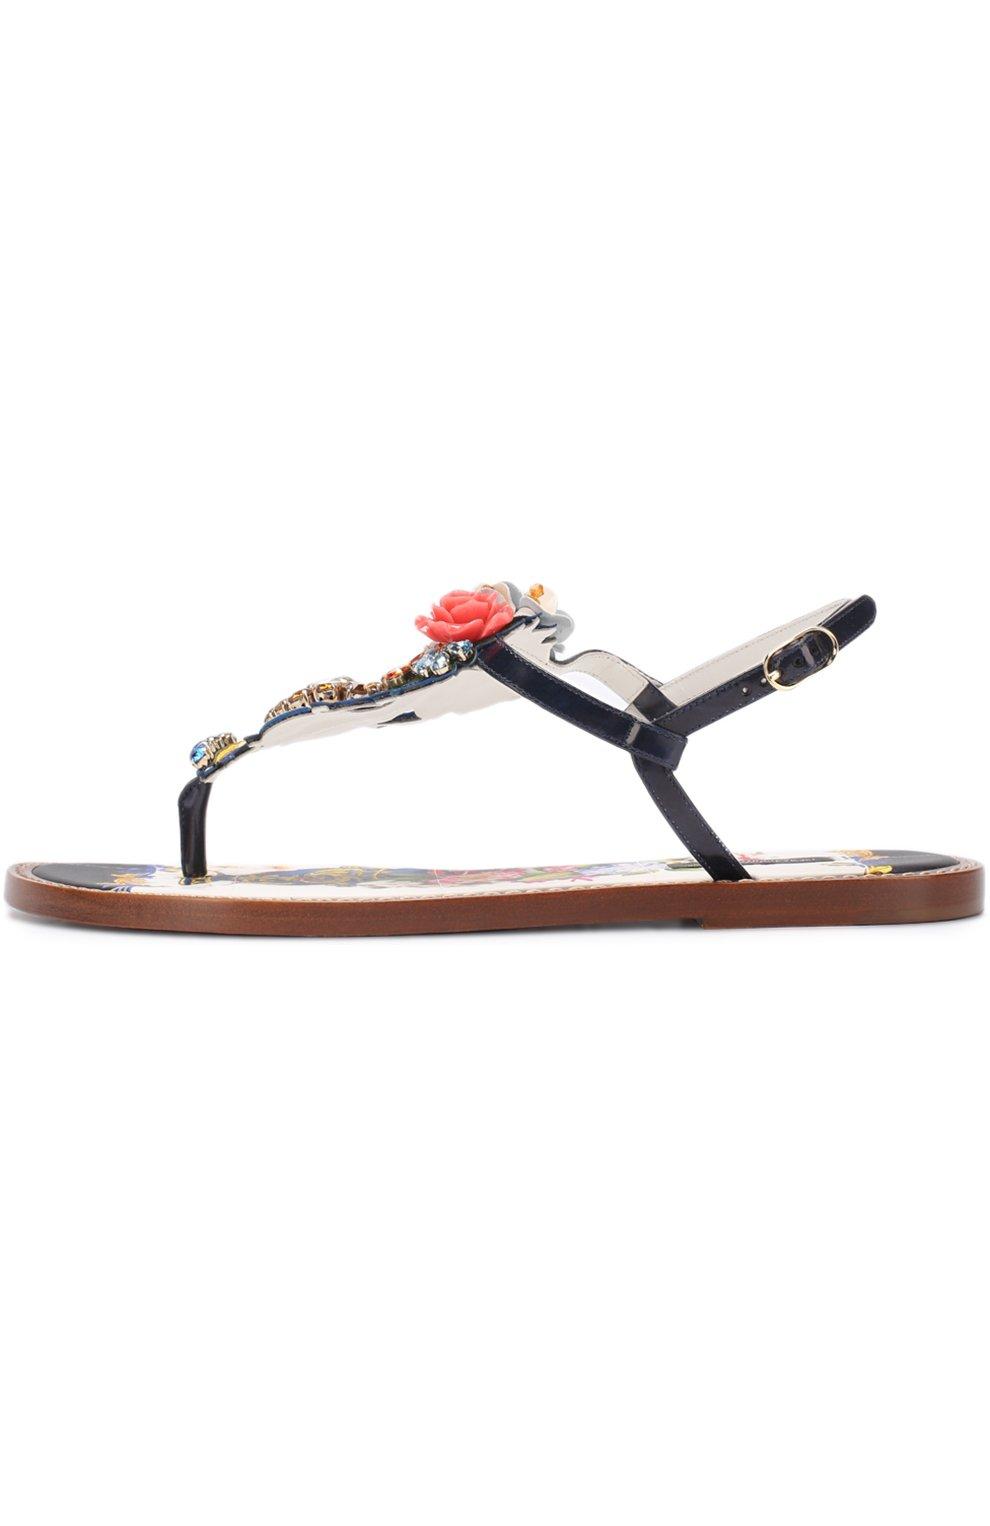 Кожаные сандалии с кристаллами Dolce & Gabbana разноцветные | Фото №3